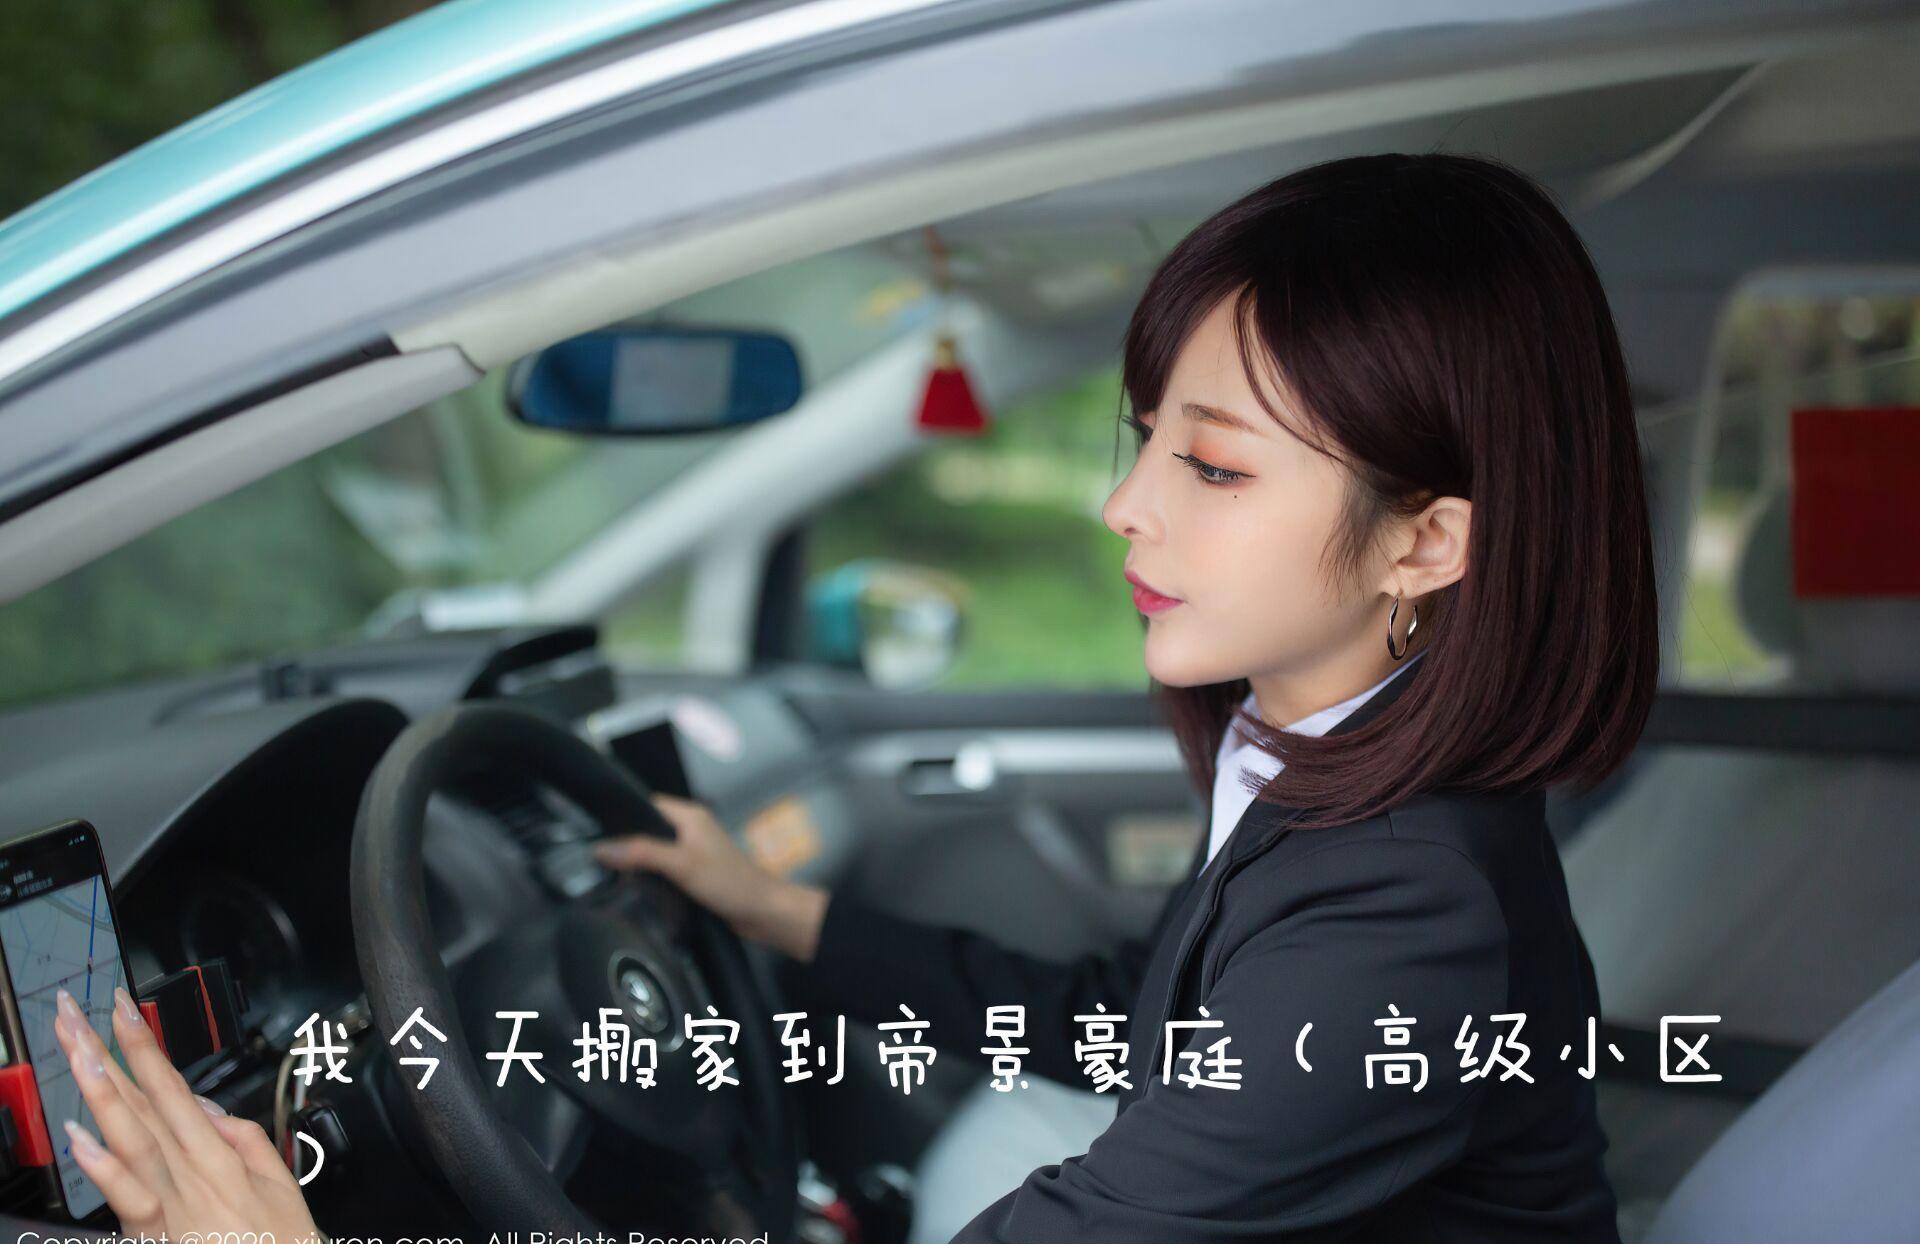 图片[5]-【剧情mietu】我和出租车女司机的邂逅故事-大鹏资源网